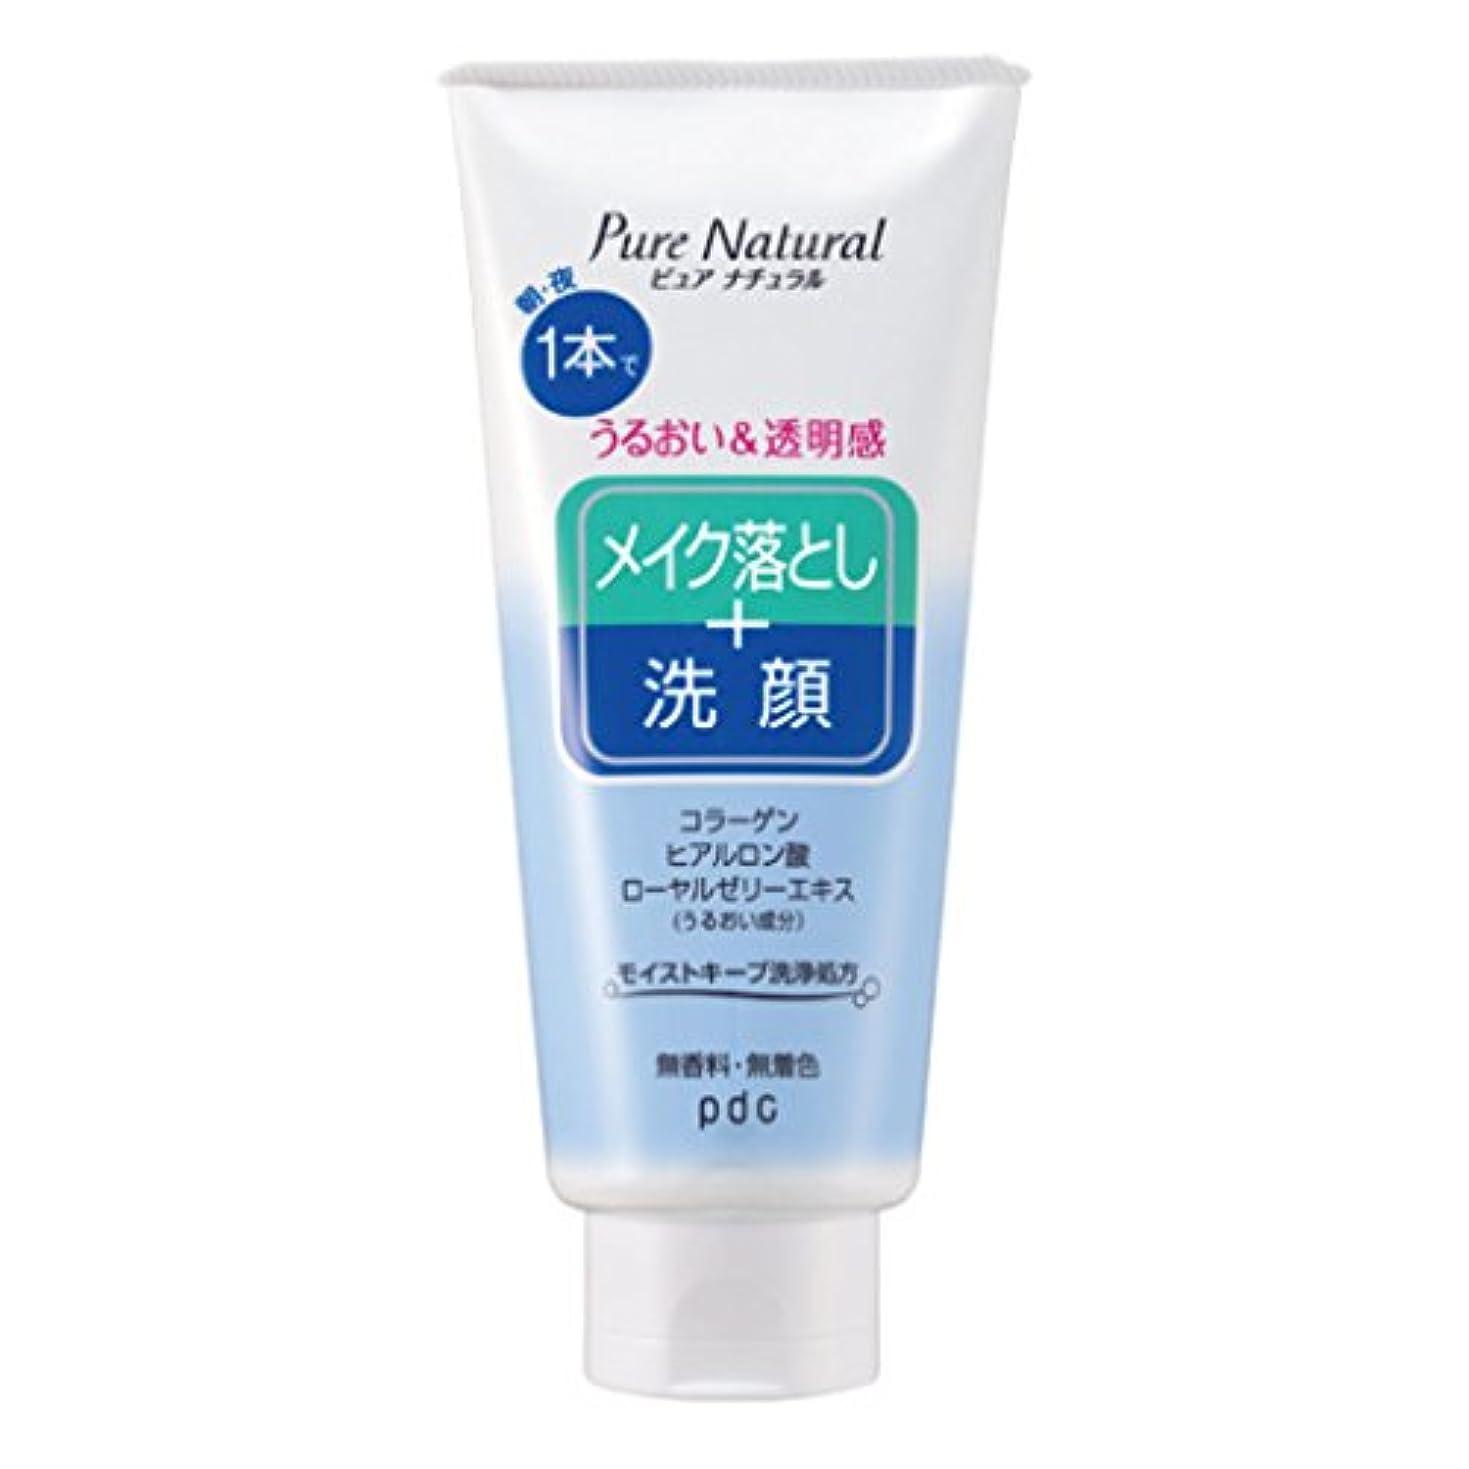 アブストラクト脆い豊富Pure NATURAL(ピュアナチュラル) クレンジング洗顔 170g